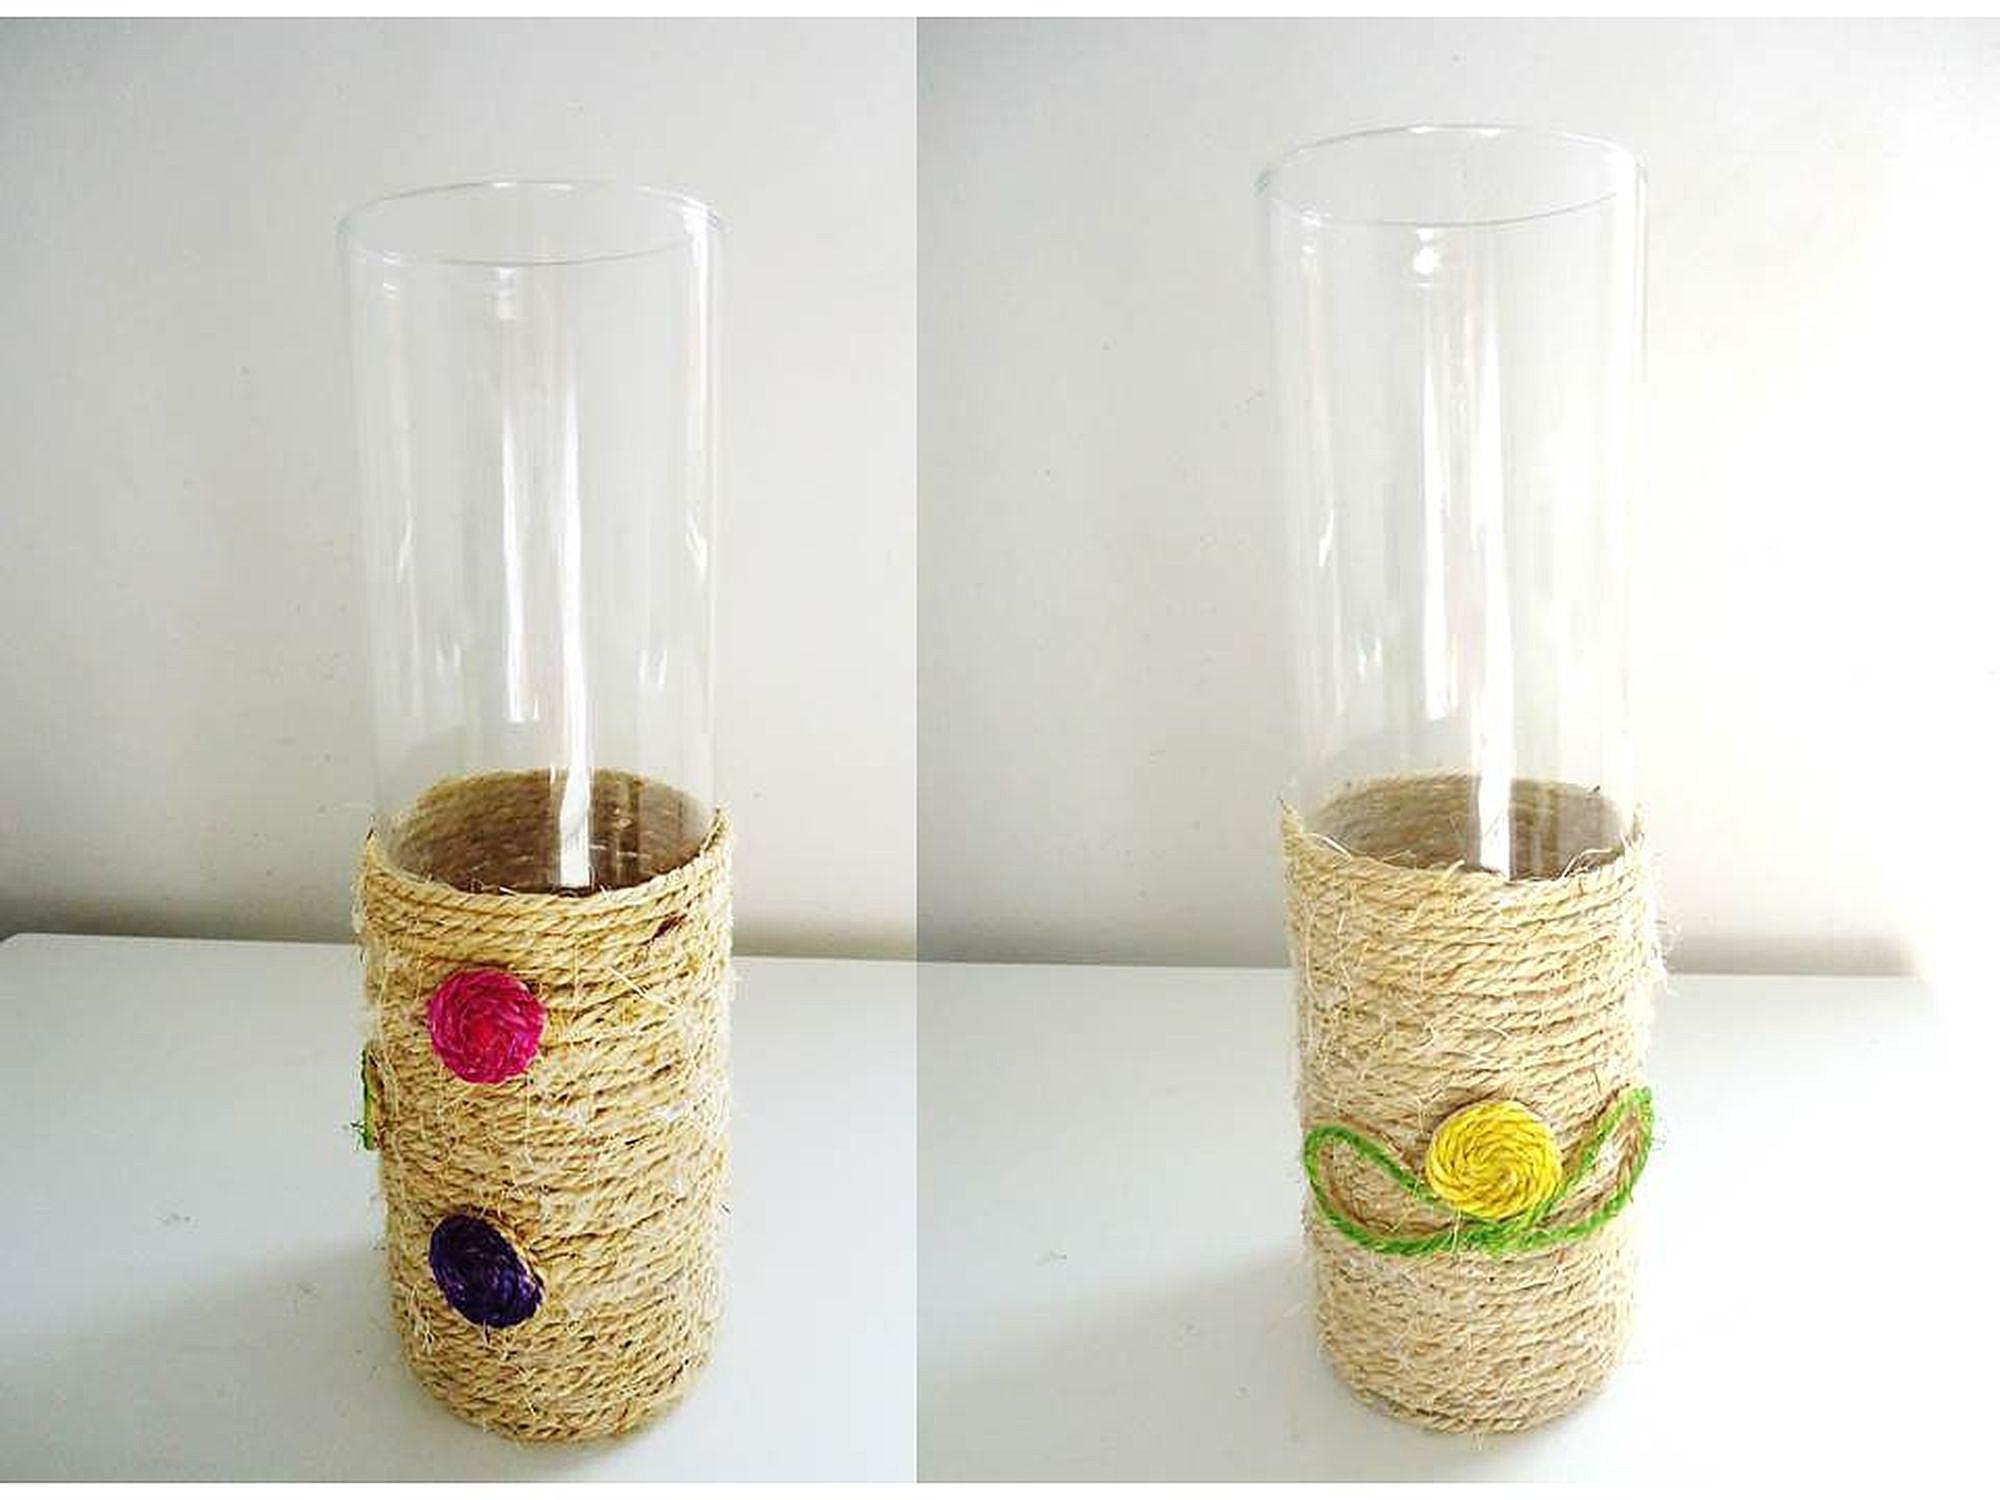 vases de cristal para centros de mesa of florero con mecate in florero con mecate 1 result 57c46ad23df78cc16e9bf0e2 jpg